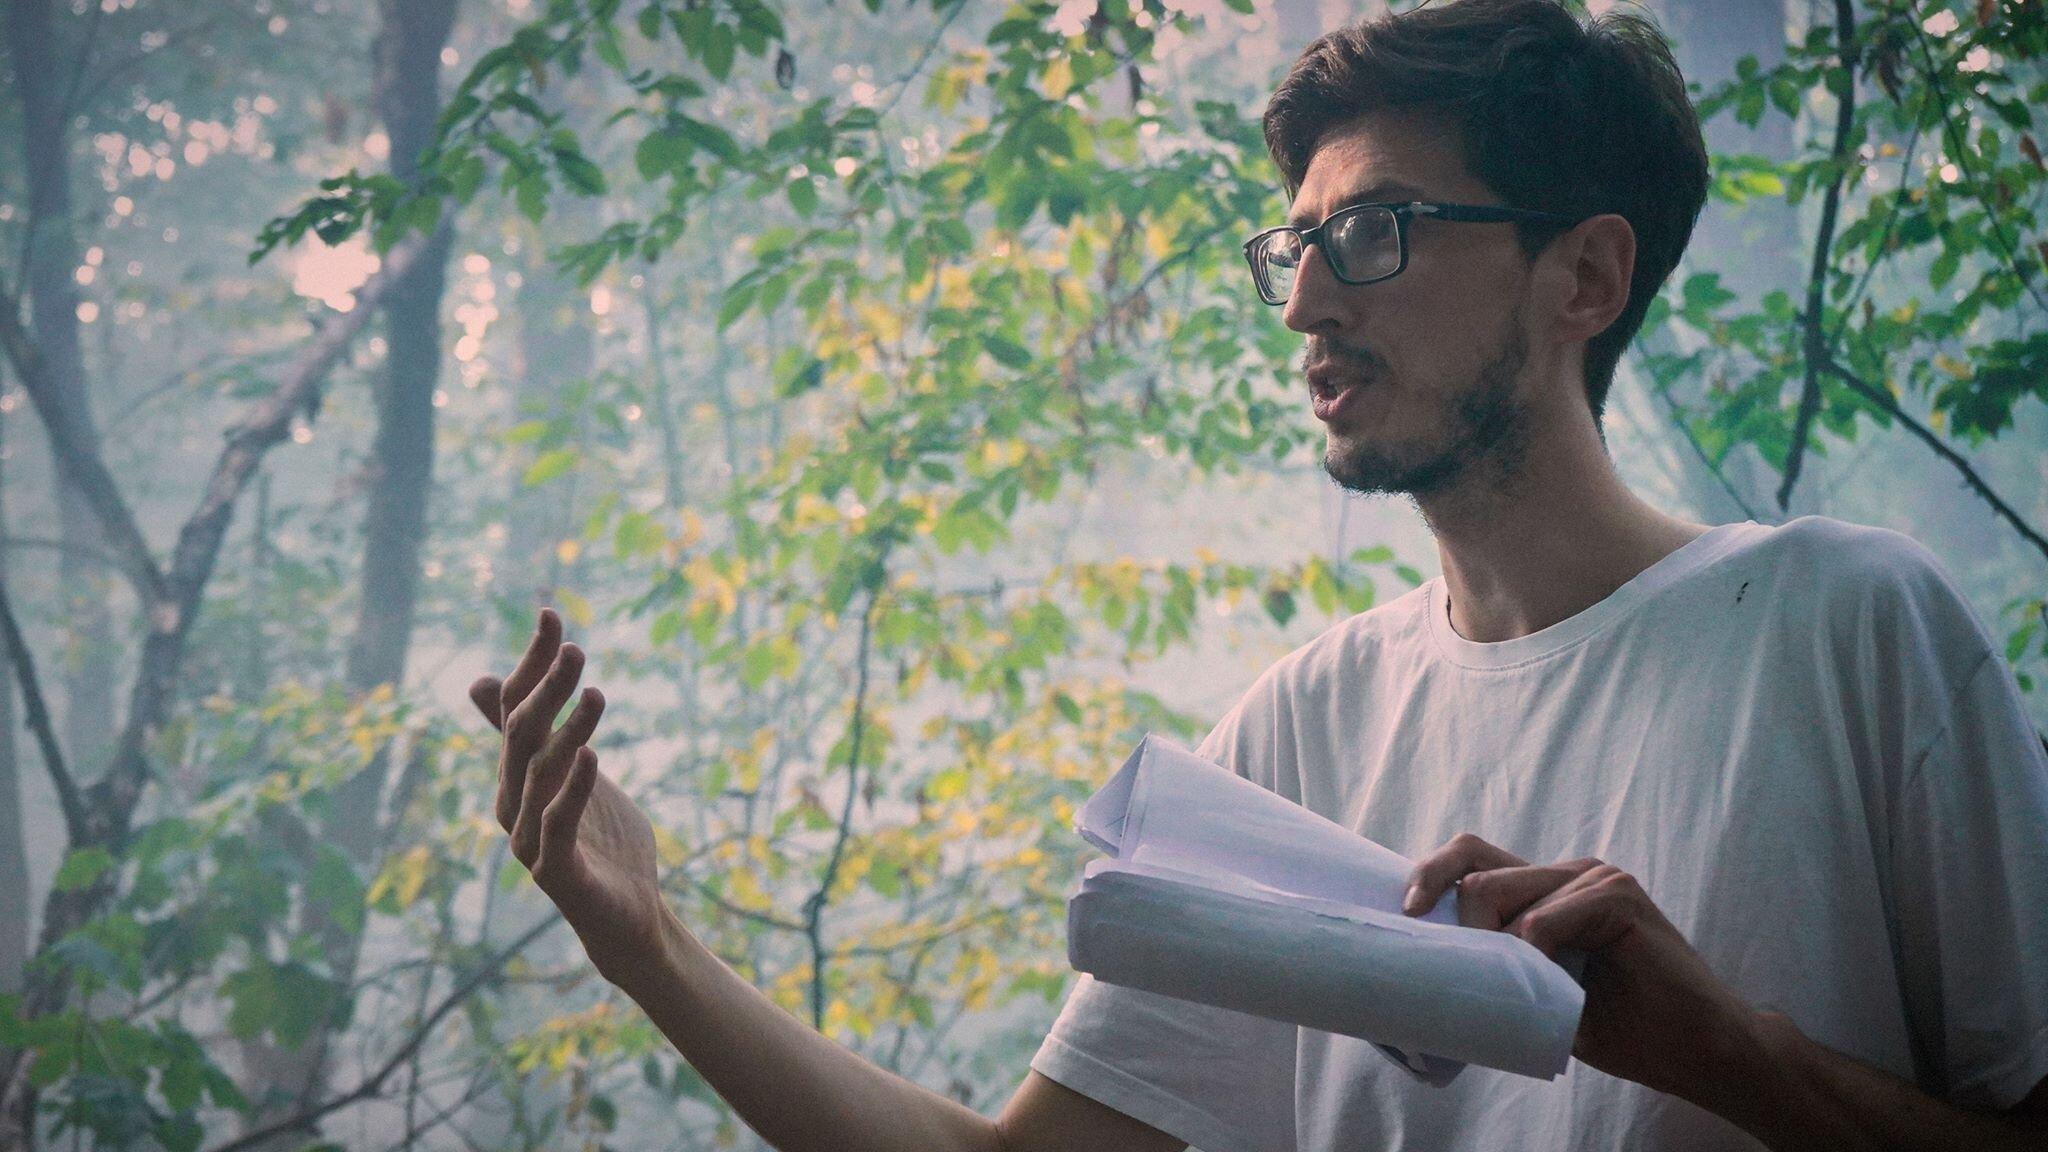 Станіслав Битюцький про свій майбутній фільм, революційні злами та пост-горор жанр в кінематографі